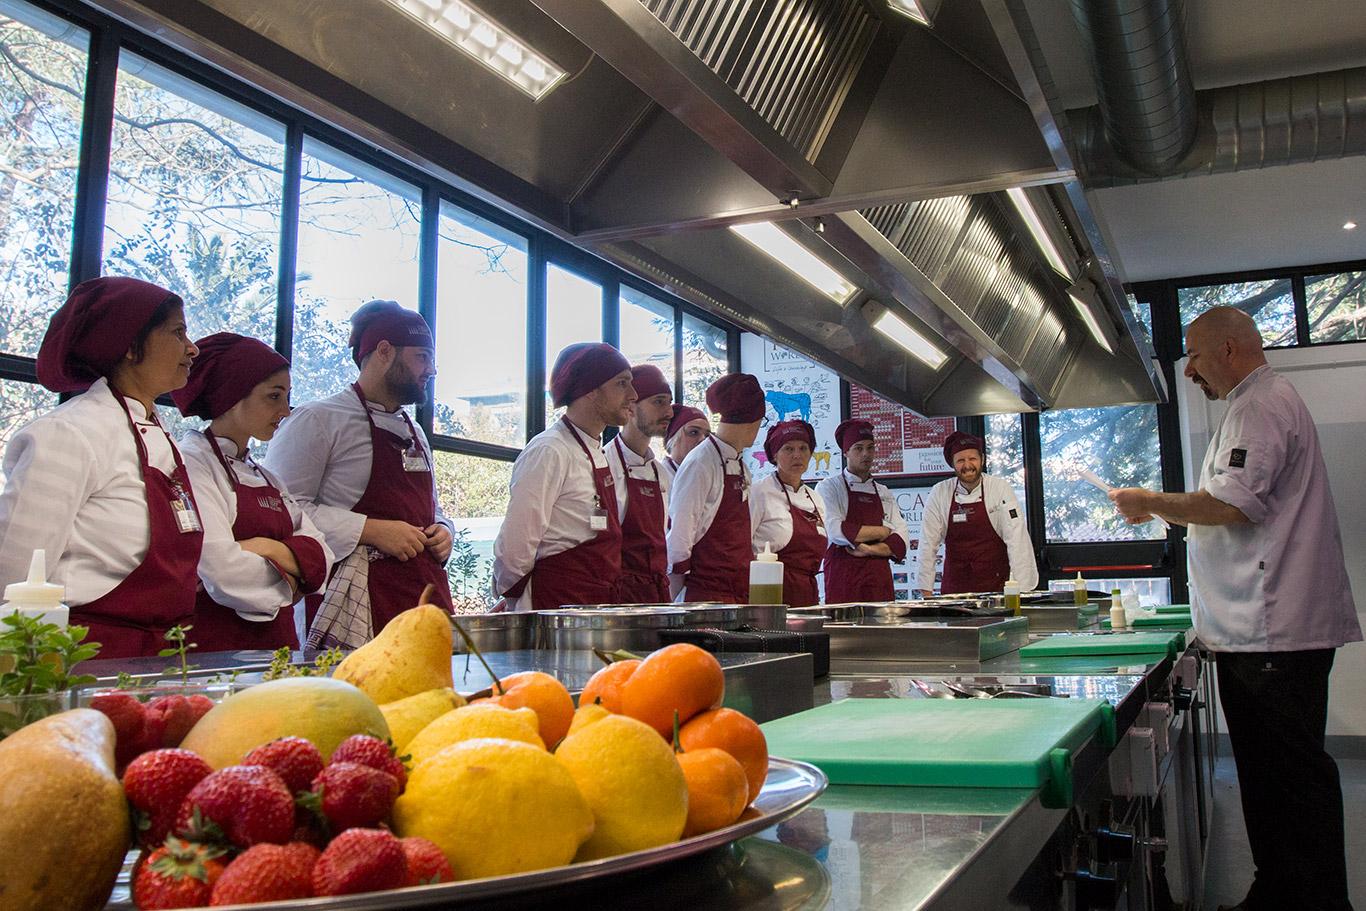 Accademia italiana di cucina corsi professionali di formazione in scuola di alta cucina roma - Scuola di cucina roma ...